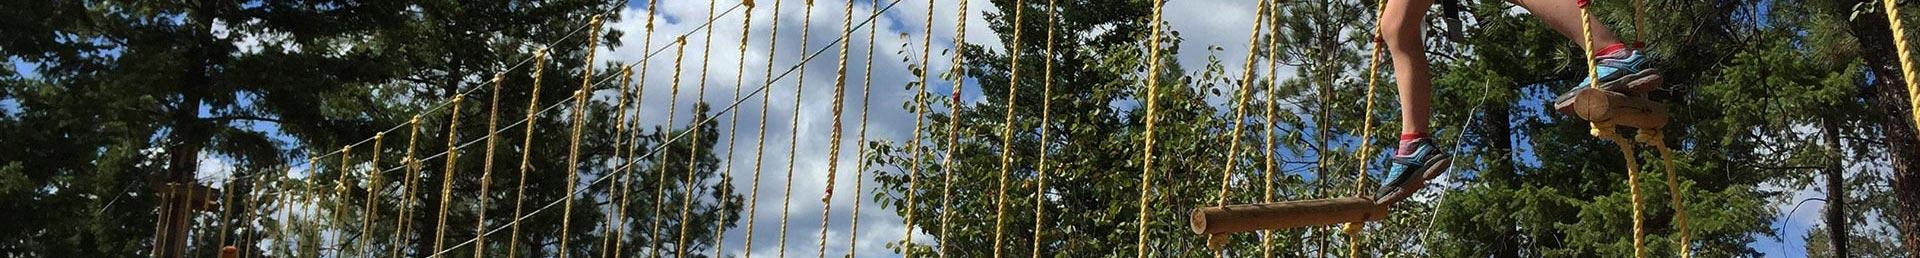 Accrobranche - Grimpe d'arbres Lot-et-Garonne